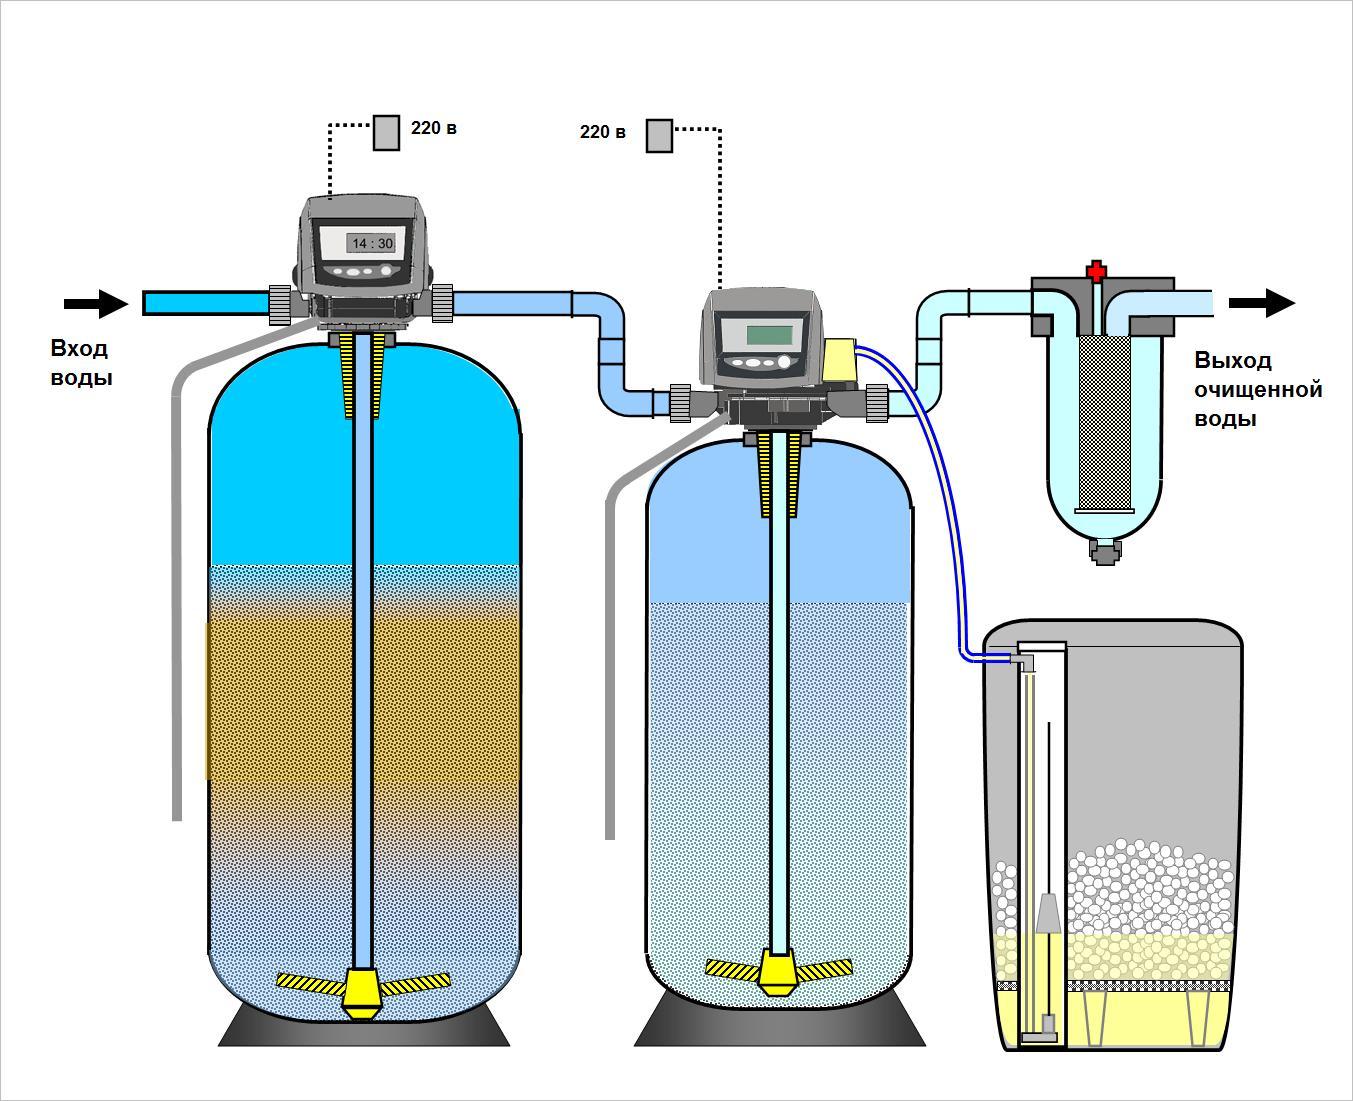 Фильтр для умягчения воды своими руками 24